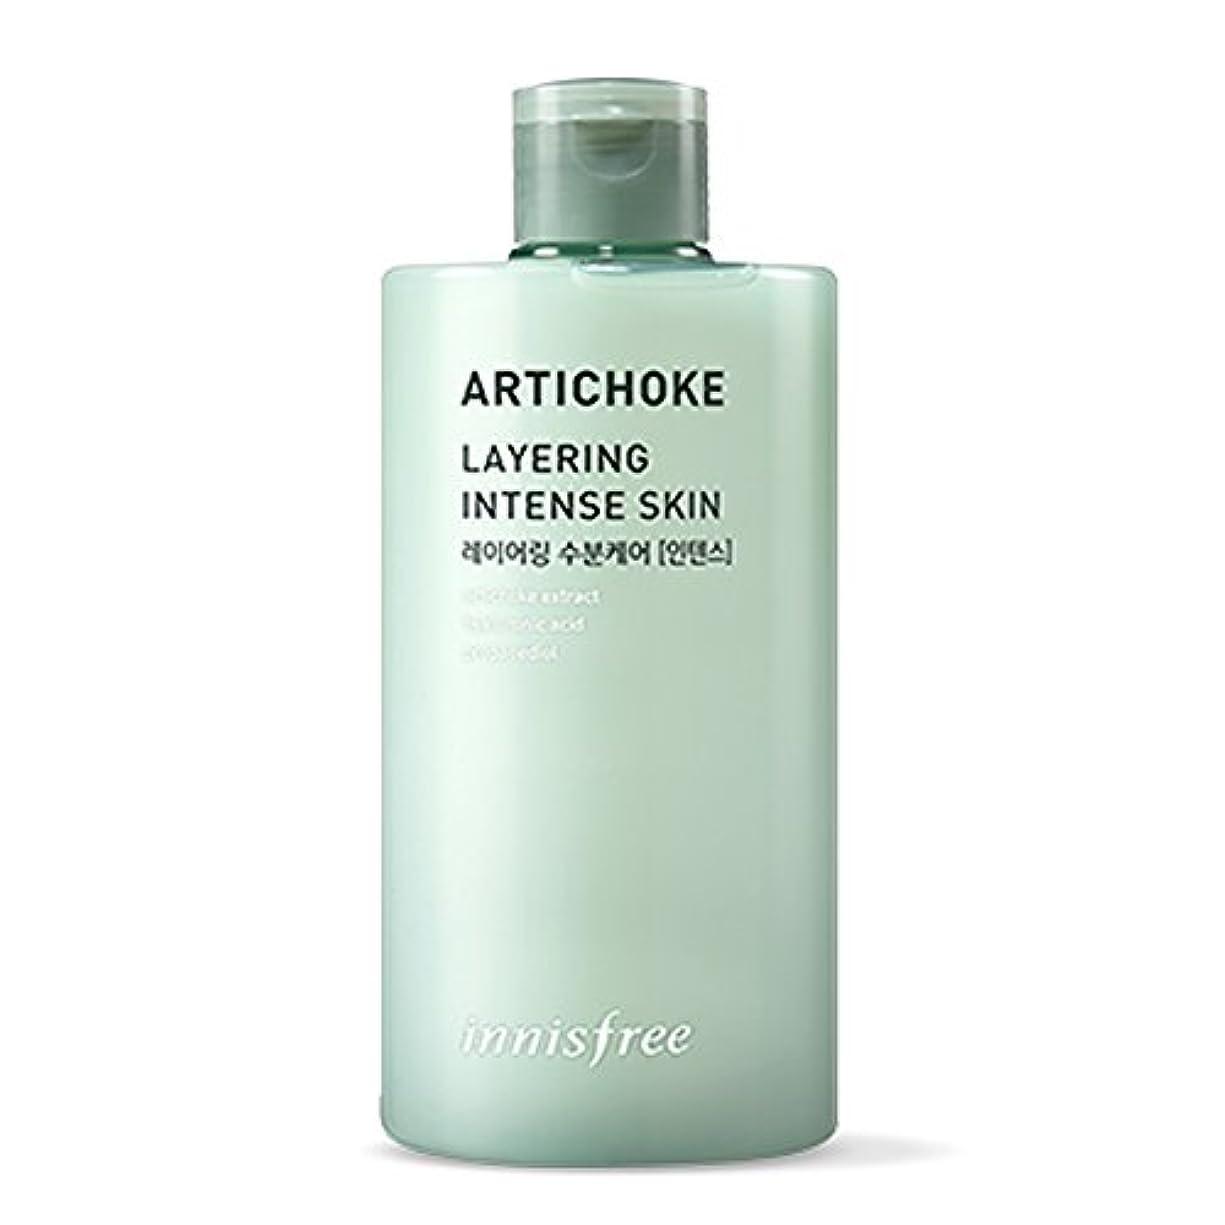 分離ギャラリーニンニクイニスフリーアーティチョークレイヤーインテンセスキン(トナー)400ml Innisfree Artichoke Layering Intense Skin (Toner) 400ml [海外直送品] [並行輸入品]